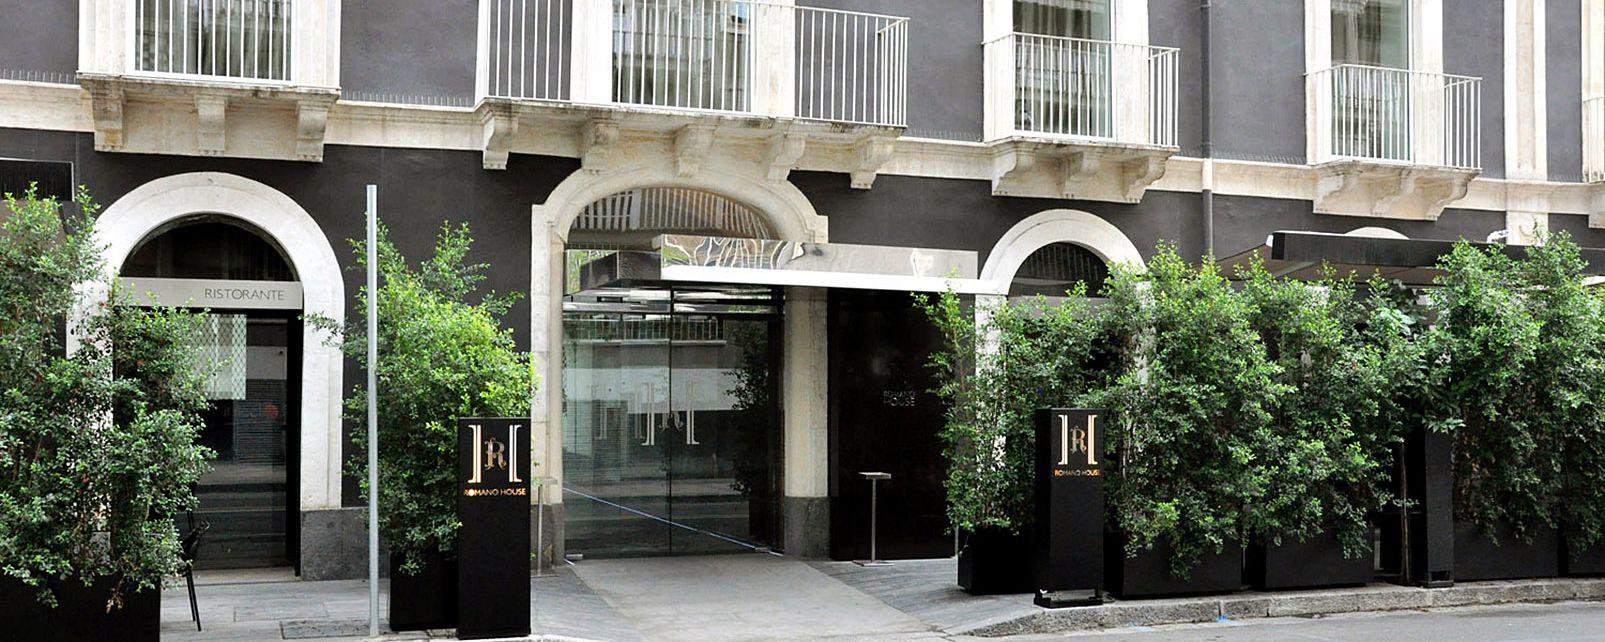 Hôtel Romano house